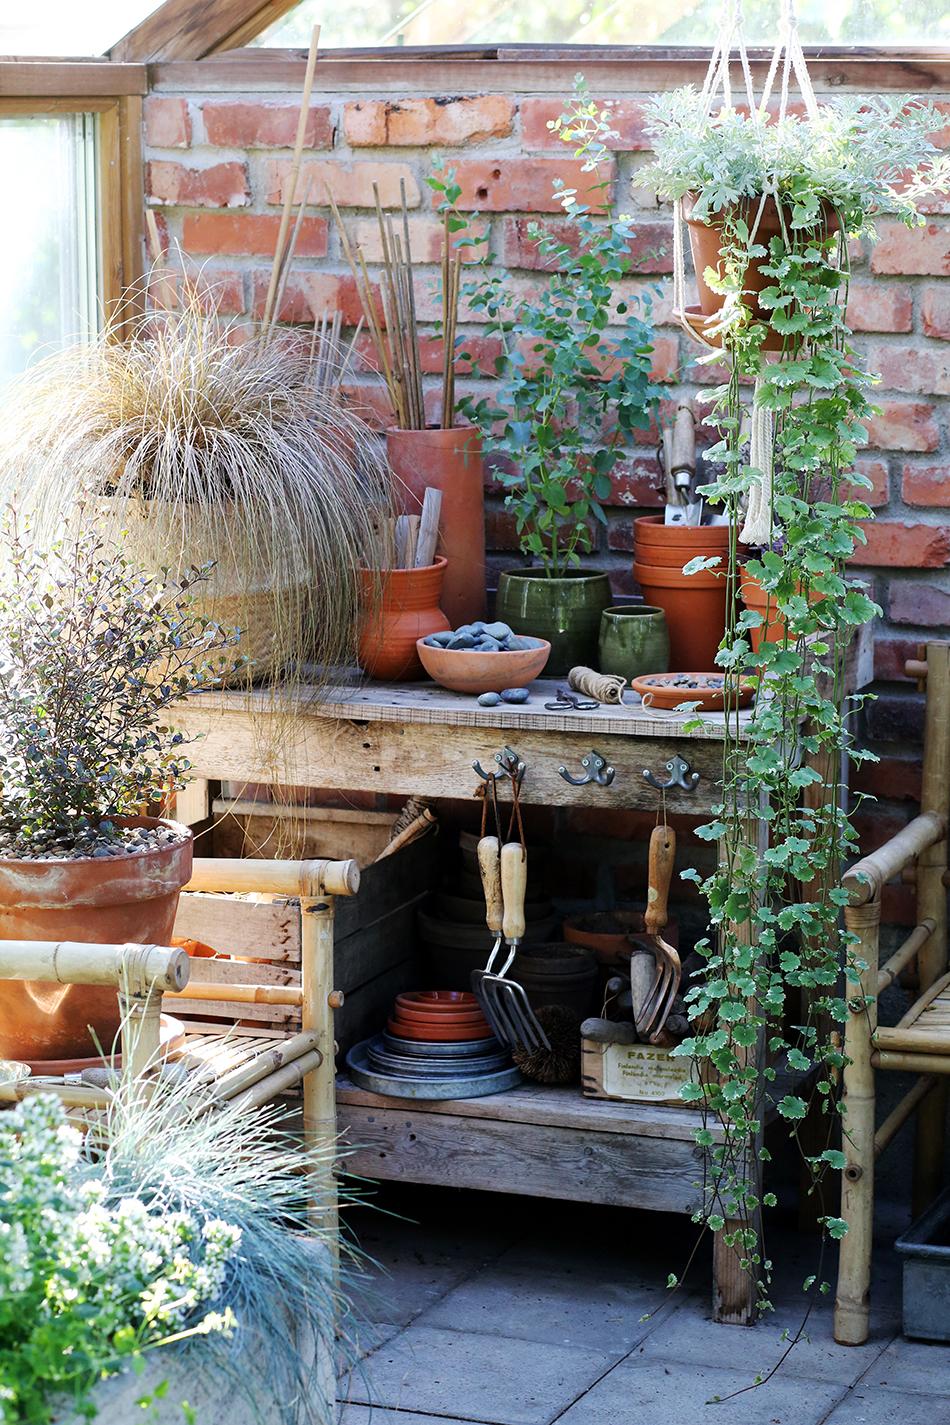 Trädgårdsbänk med planteringsredskap, krukplanteringar och växter